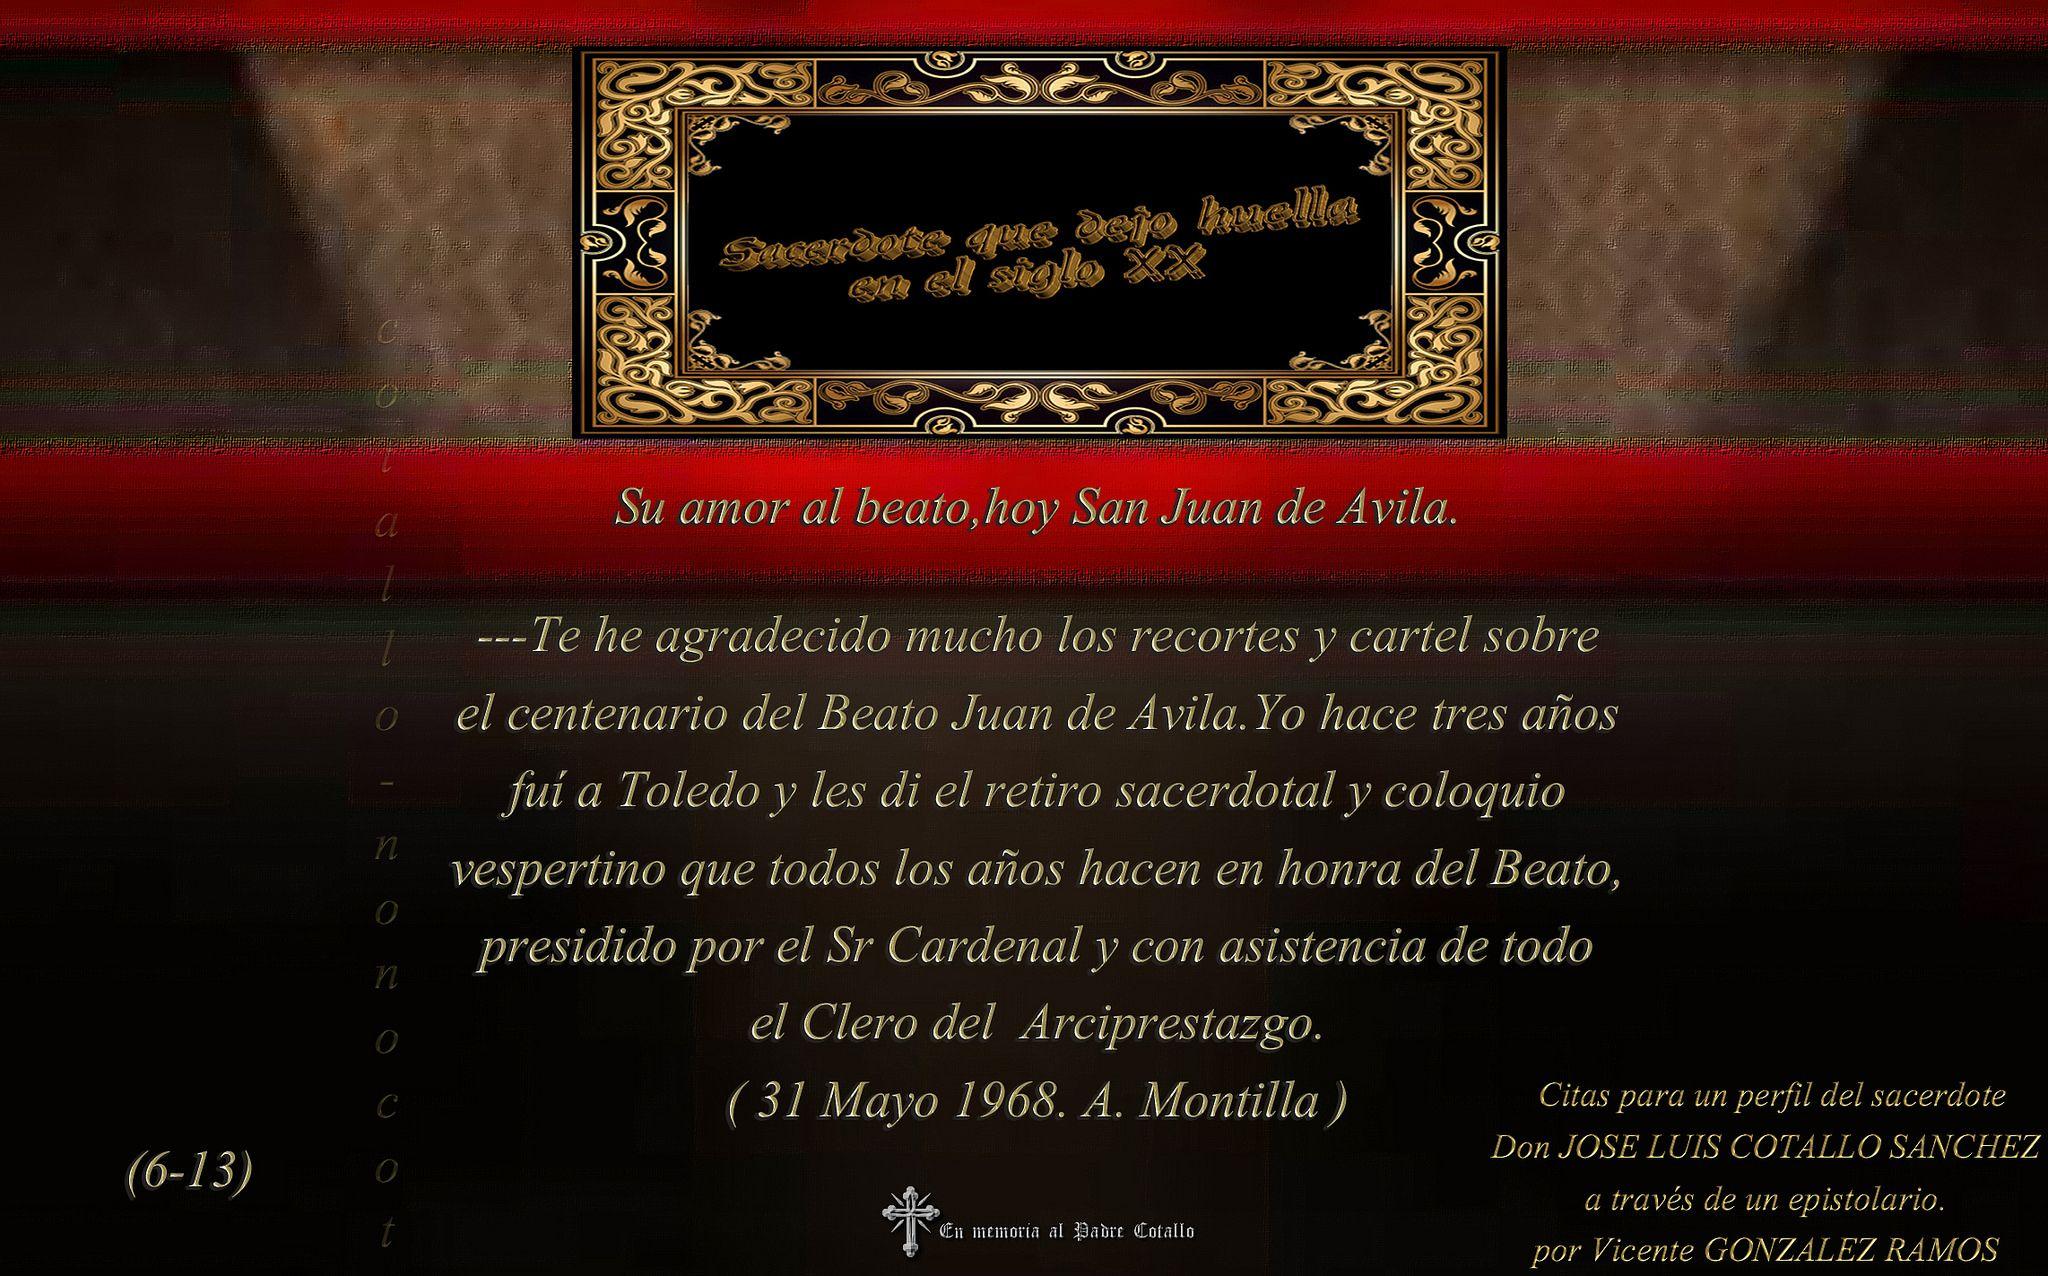 https://flic.kr/p/A9kRKa | Epistolario.(6-13).(Dedicado  al P.Cotallo) |  Su amor al beato,hoy San Juan de Avila.   ---Te he agradecido mucho los recortes y cartel sobre  el centenario del Beato Juan de Avila.Yo hace tres años fuí a Toledo y les di el retiro sacerdotal y coloquio vespertino que todos los años hacen en honra del Beato, presidido por el Sr Cardenal y con asistencia de todo  el Clero del  Arciprestazgo. ( 31 Mayo 1968. A. Montilla )